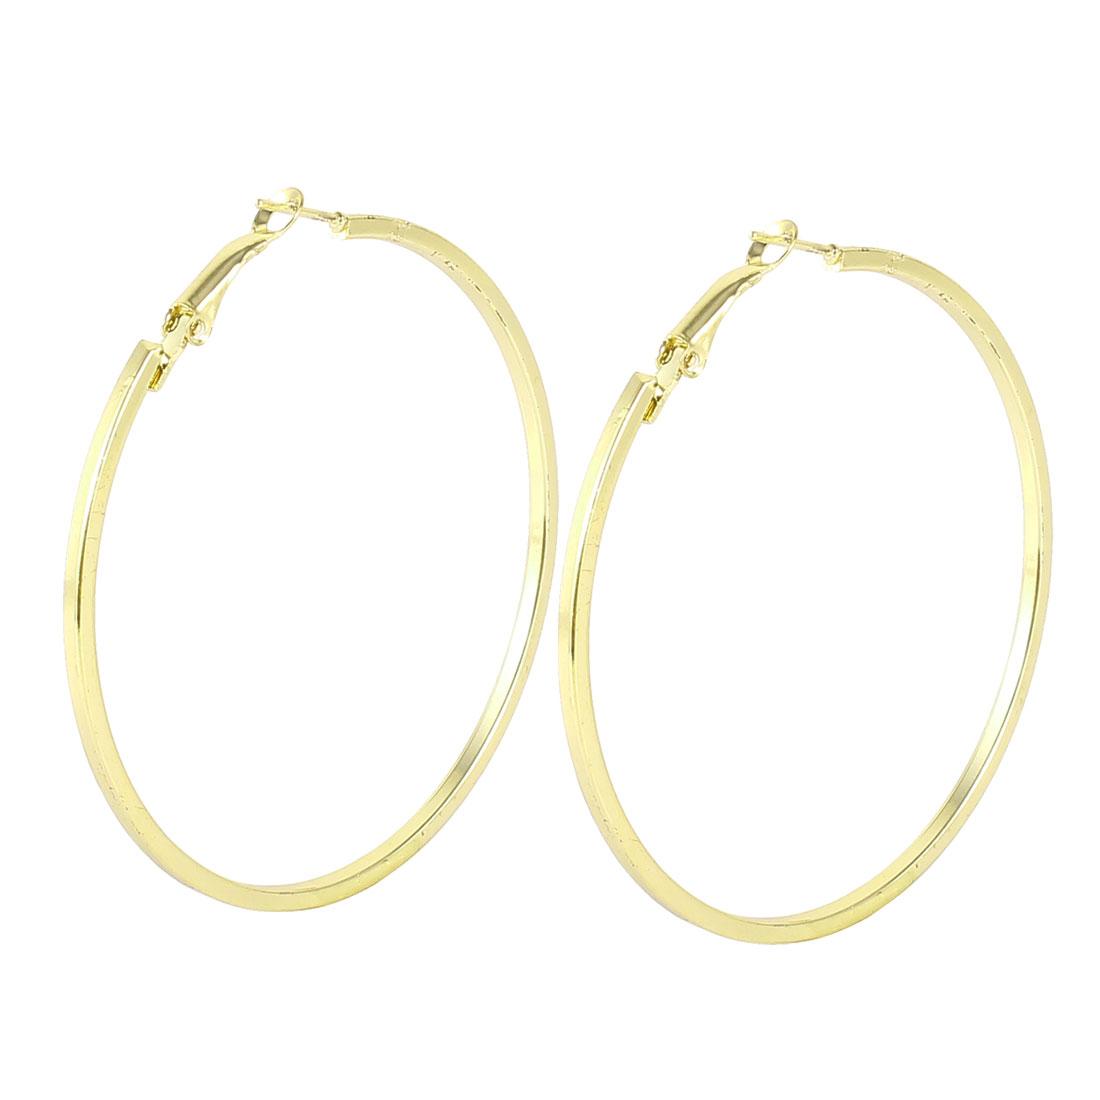 Ladies Gold Tone Ears Decoration 0.2cm Dia Spring Hoop Earrings Pair